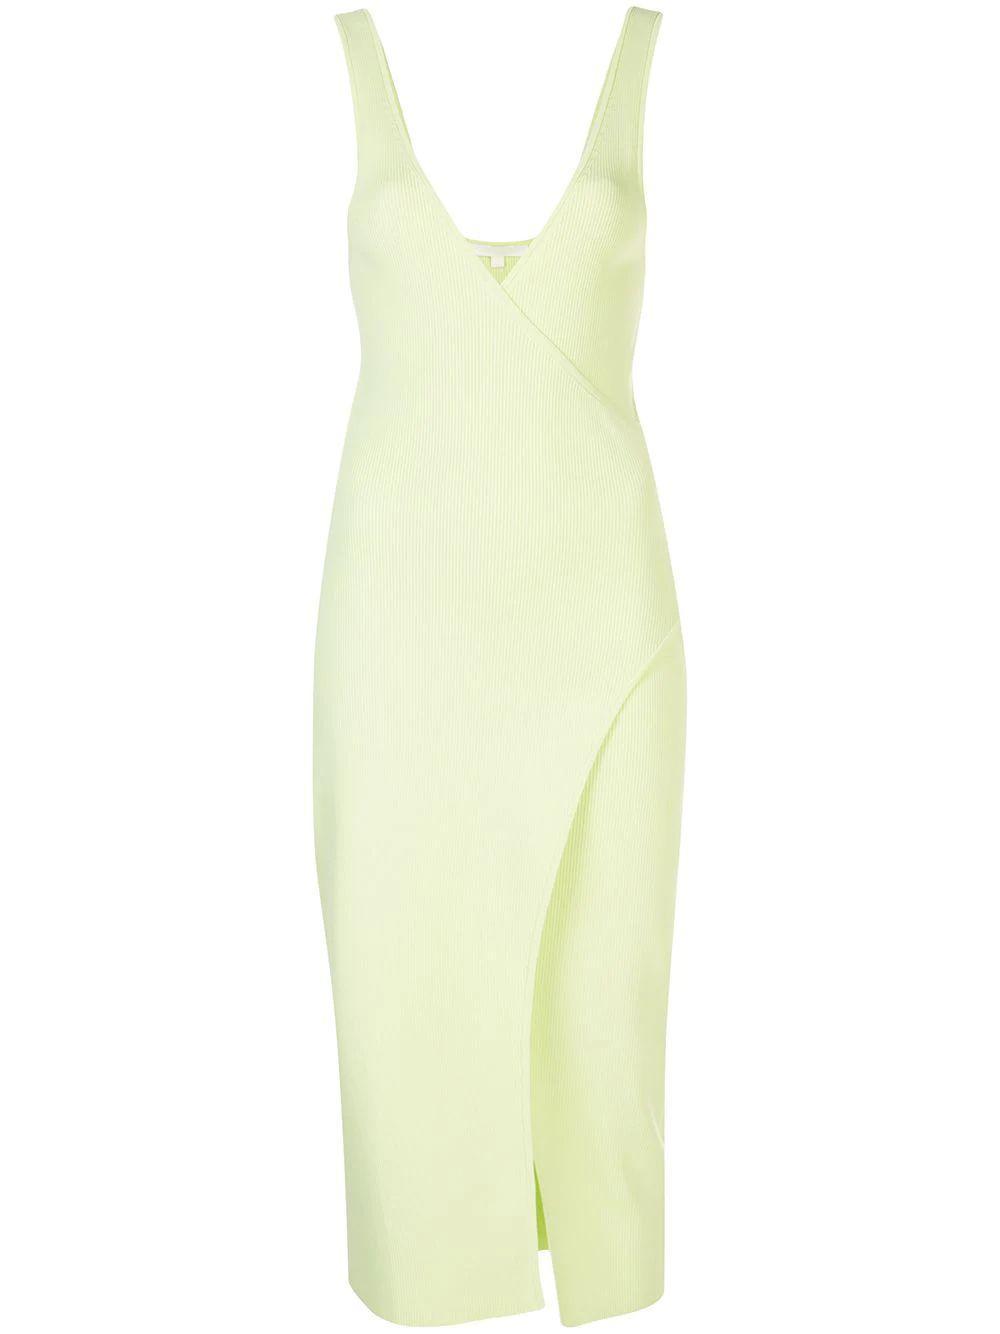 Milani Knit Basic Dress Item # 220-1117-K